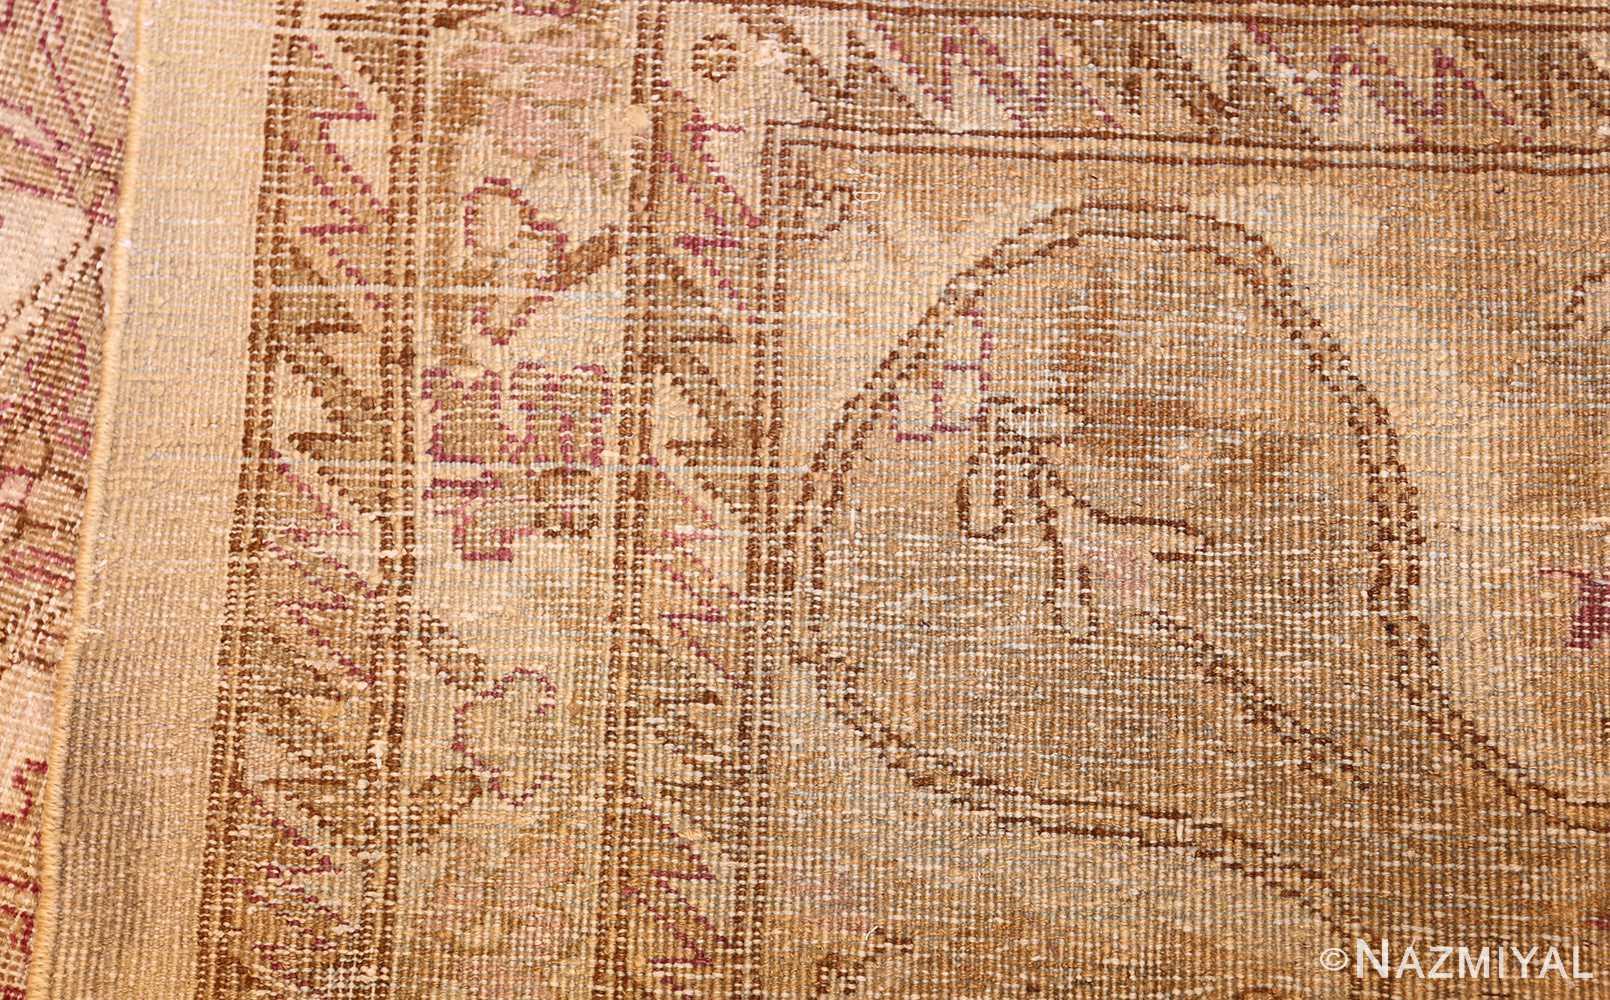 ivory background antique indian amritsar rug 47438 weave Nazmiyal